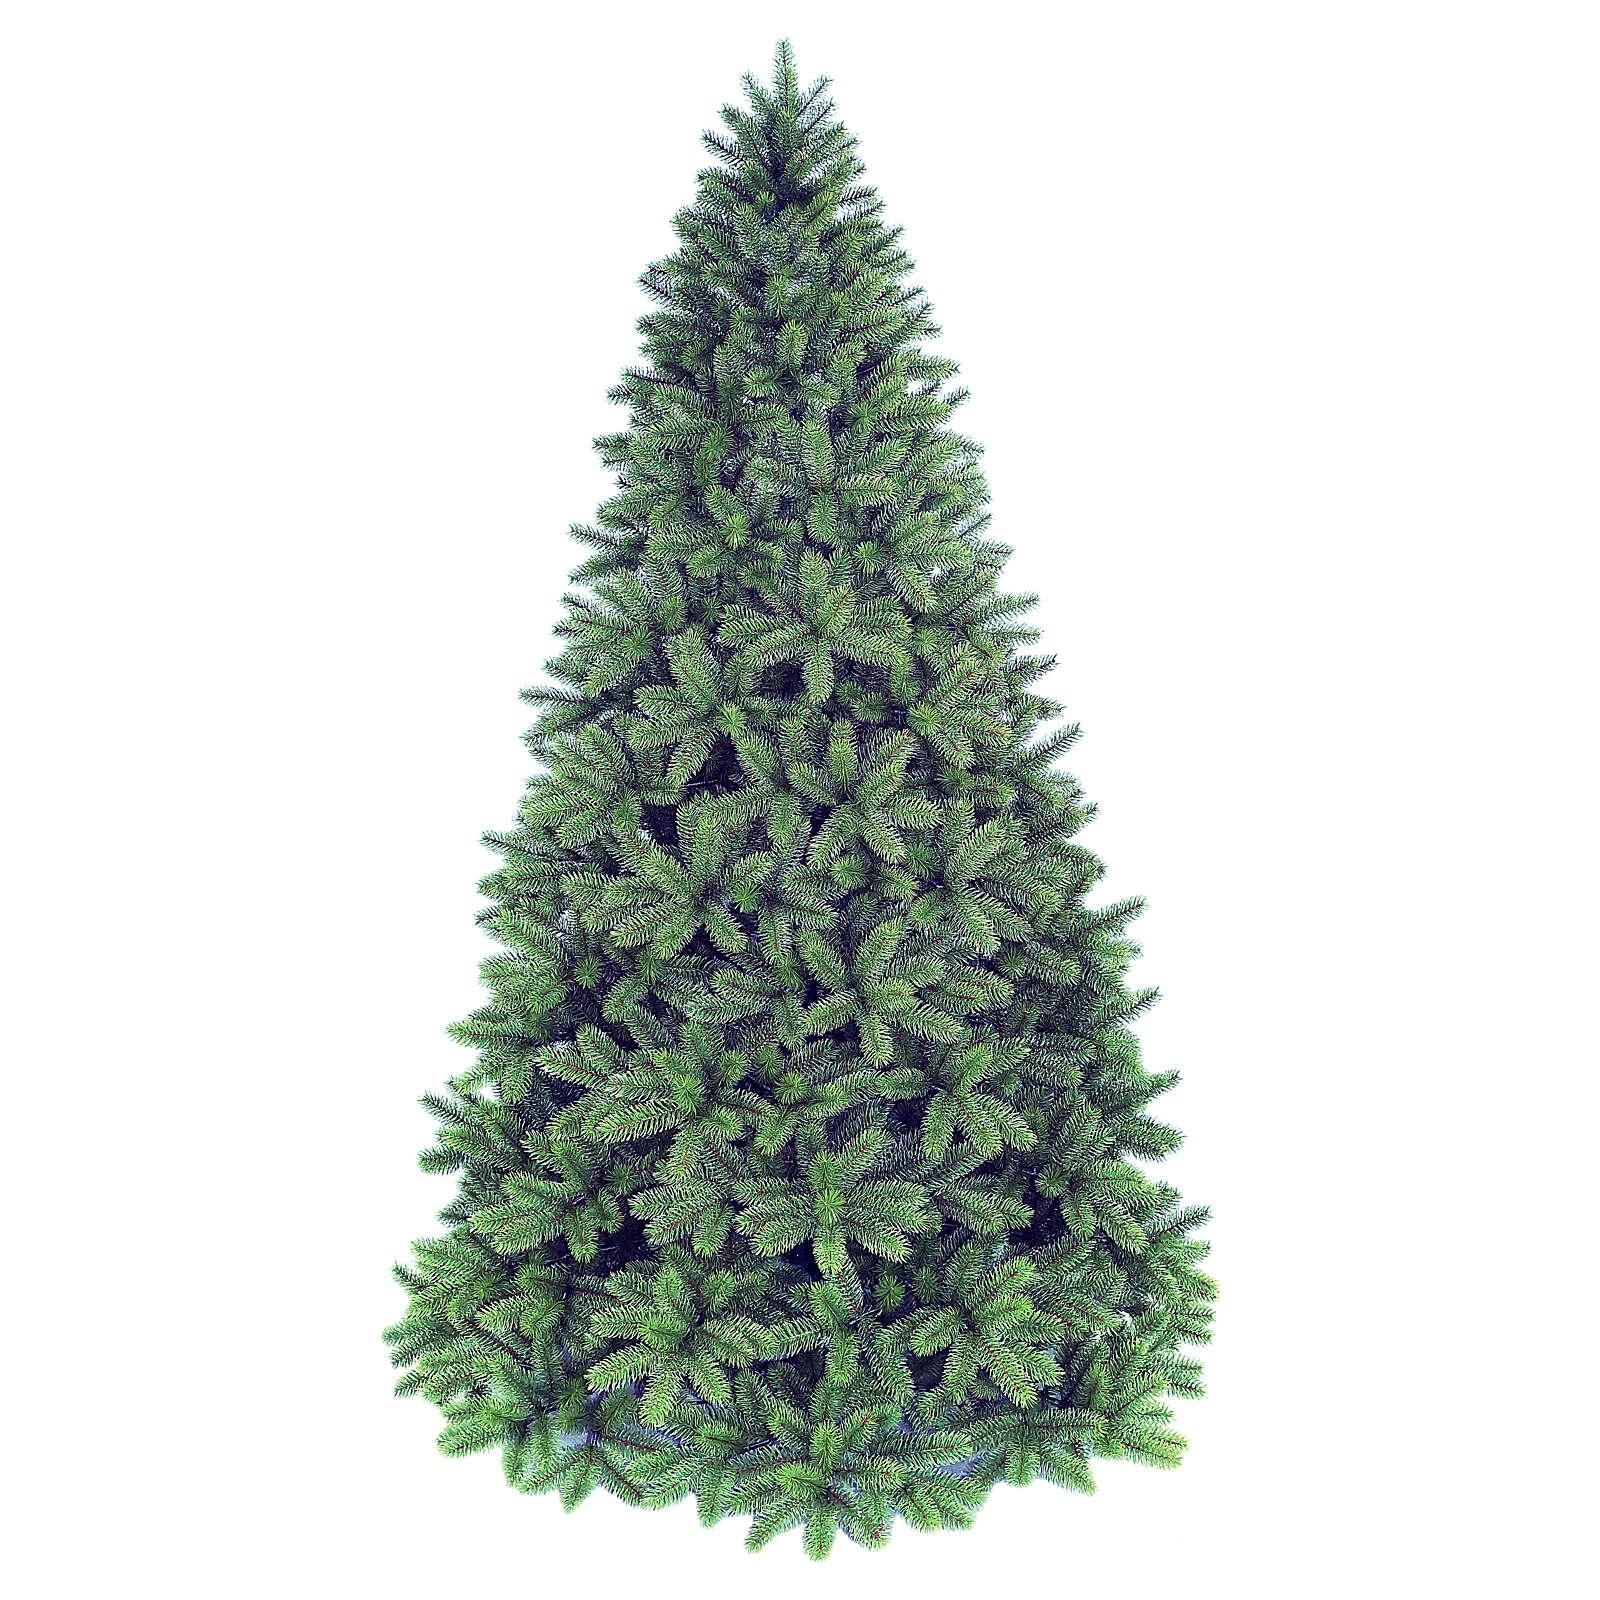 Weihnachtsbaum grün Fillar Winter Woodland, 210 cm 3